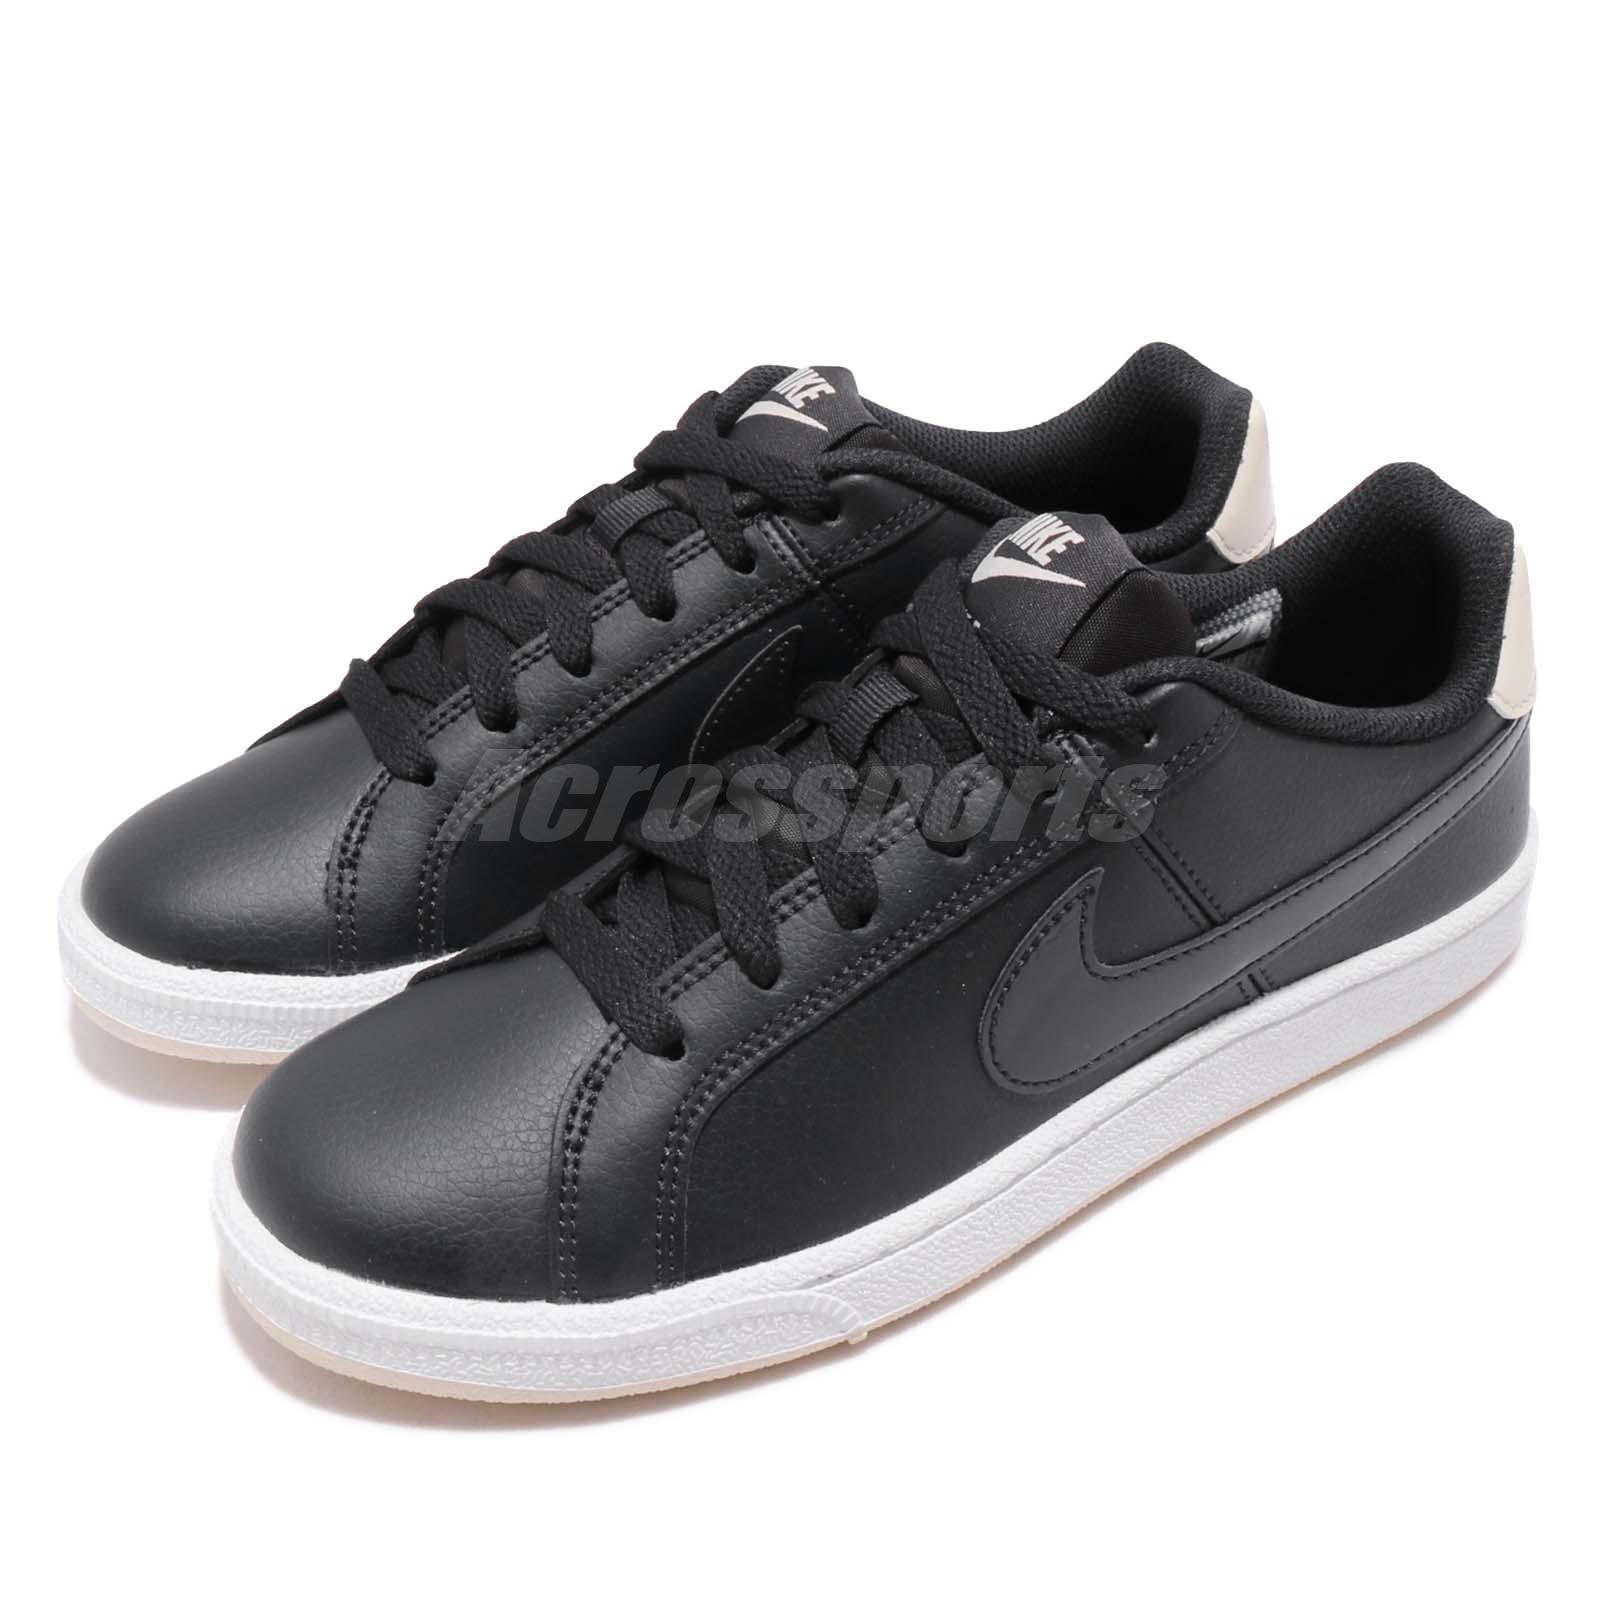 Niko Wmns Corte Royale Oil grigio Light Cream donna Casual  scarpe scarpe da ginnastica 74867 -004  prendiamo i clienti come nostro dio